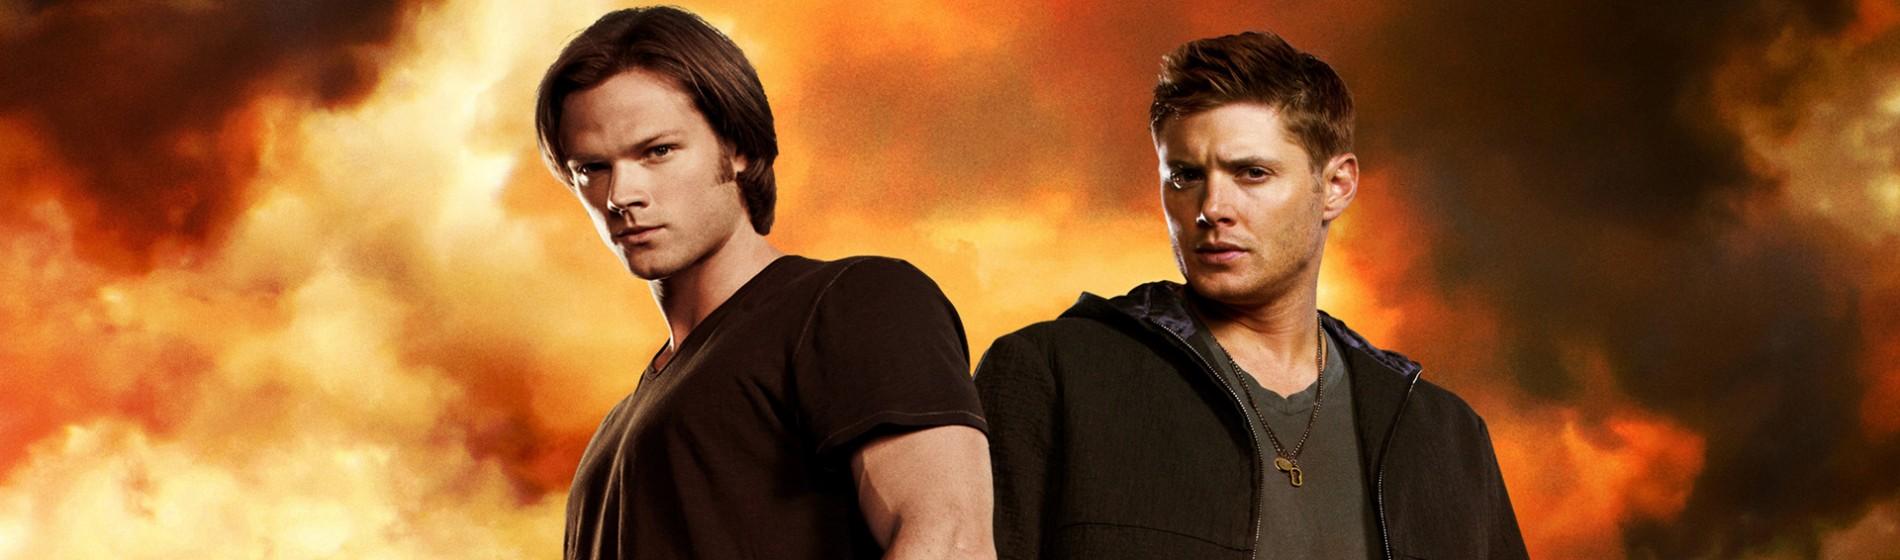 supernatural-sam-dean-1900x560-1444832625